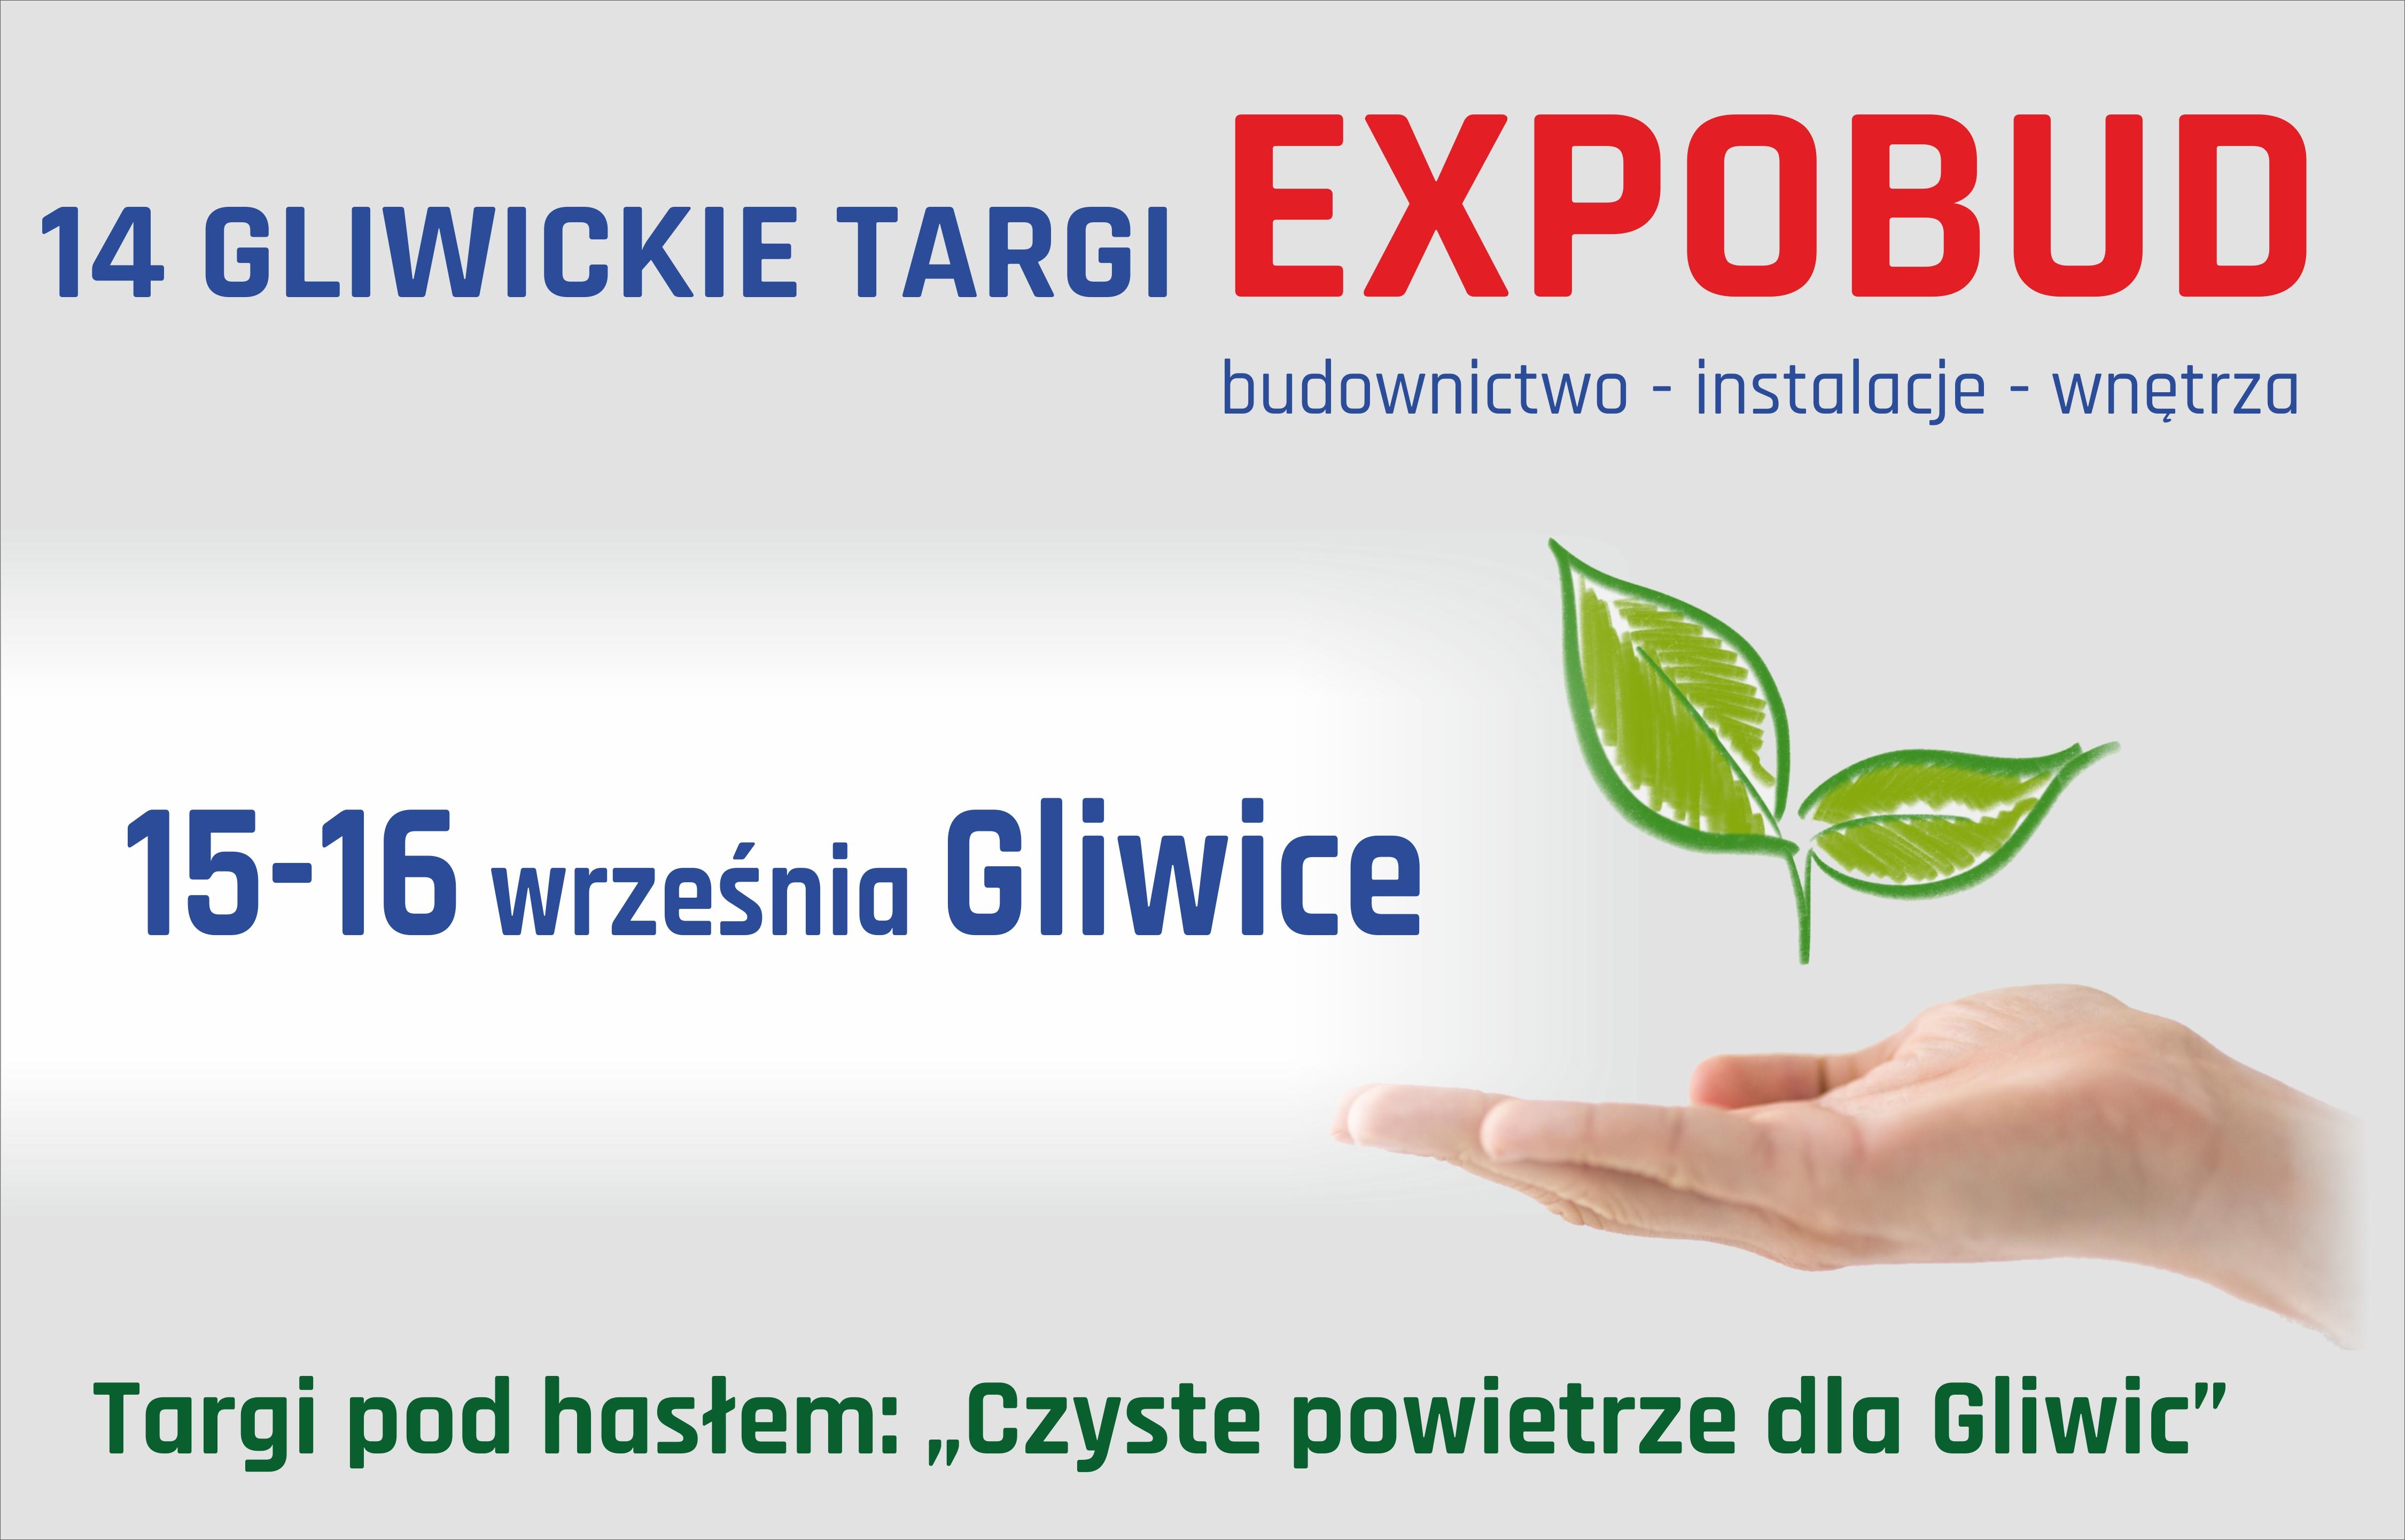 Jesienne targi jesli budujesz, remotujesz, urządzasz... Promocja-Targi.pl